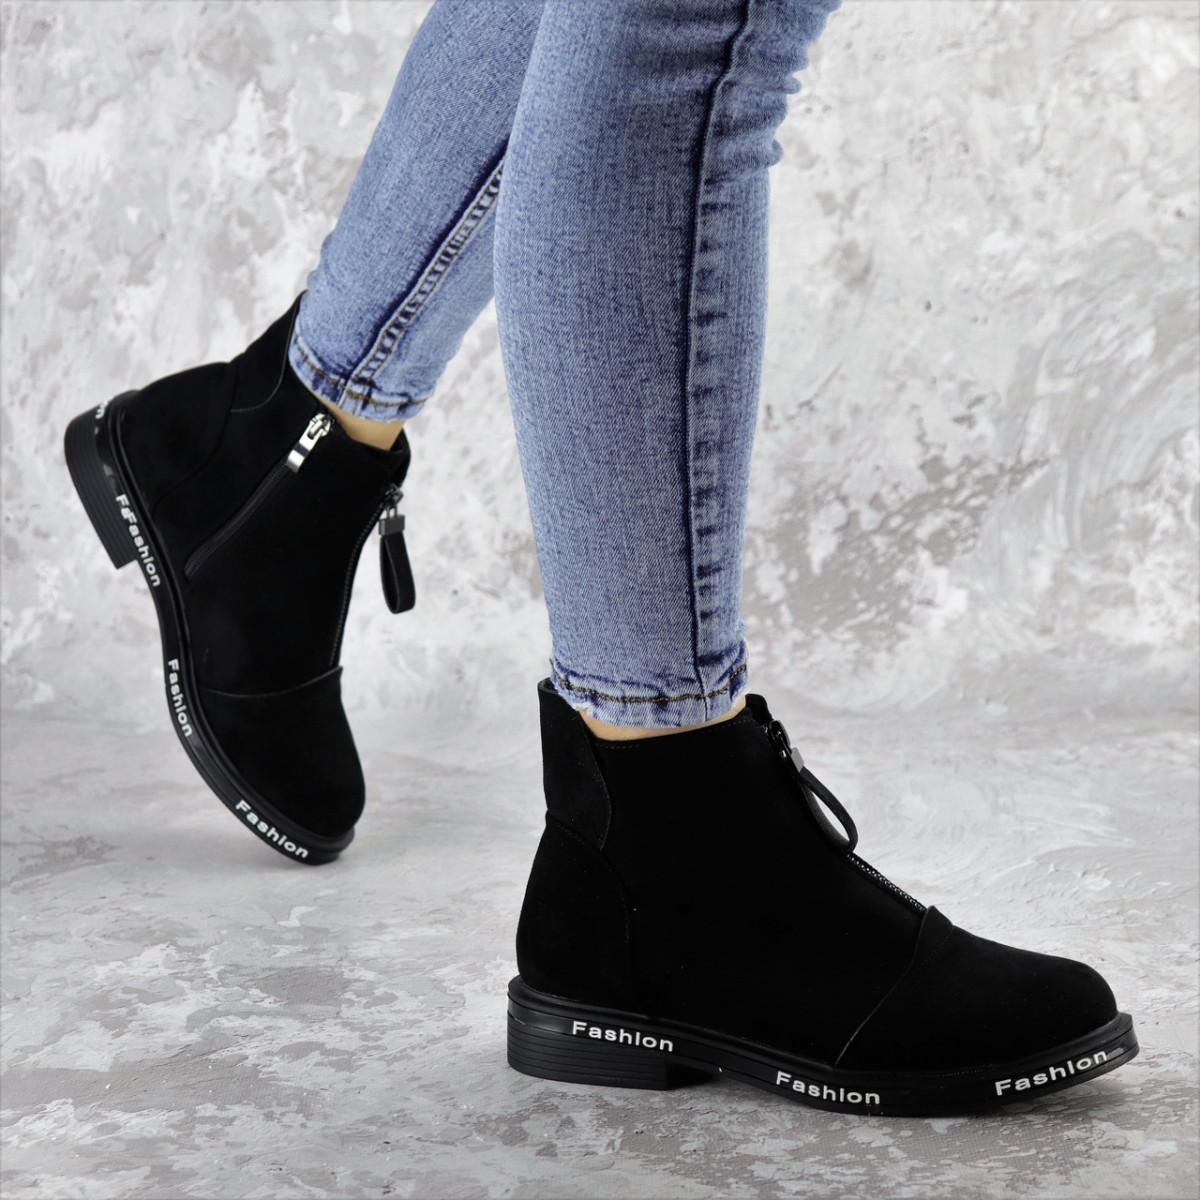 Ботинки женские Fashion Sabastian 2386 36 размер 23,5 см Черный